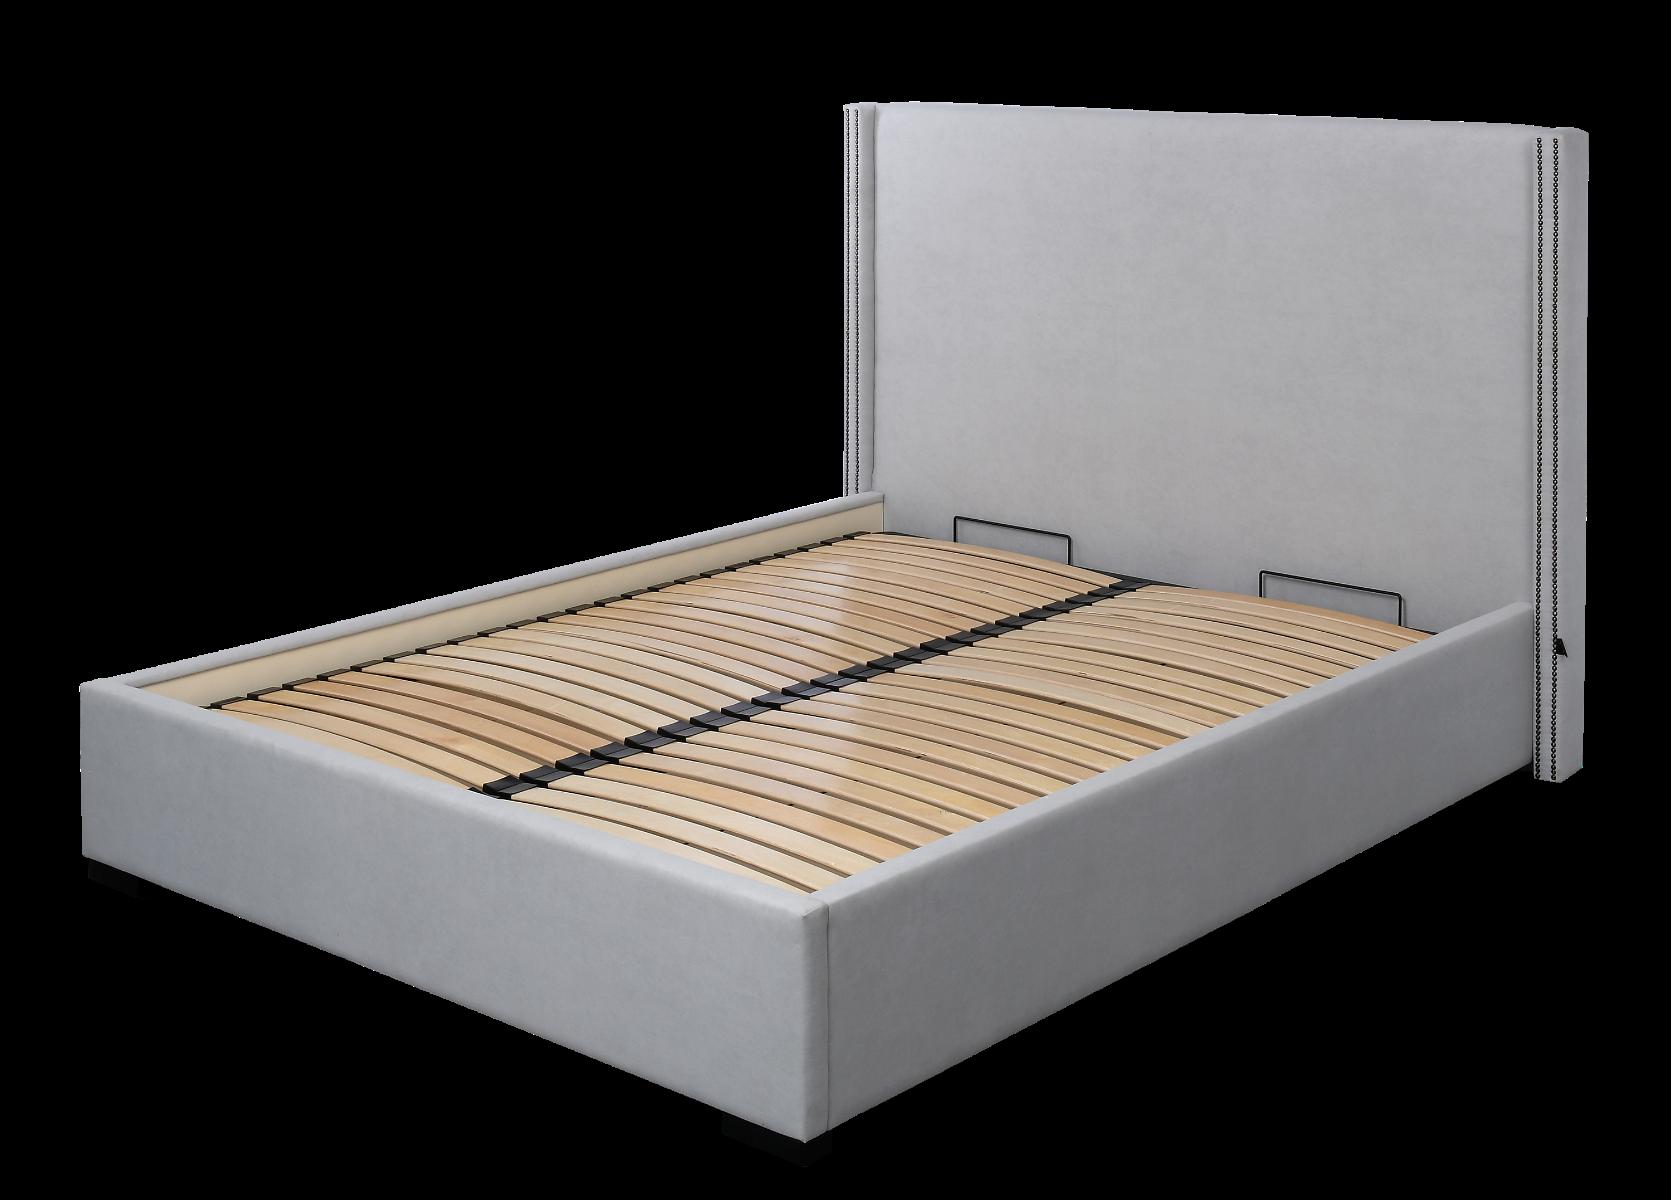 Łóżko Cotter z pojemnikiem na pościel 178x224x125 cm